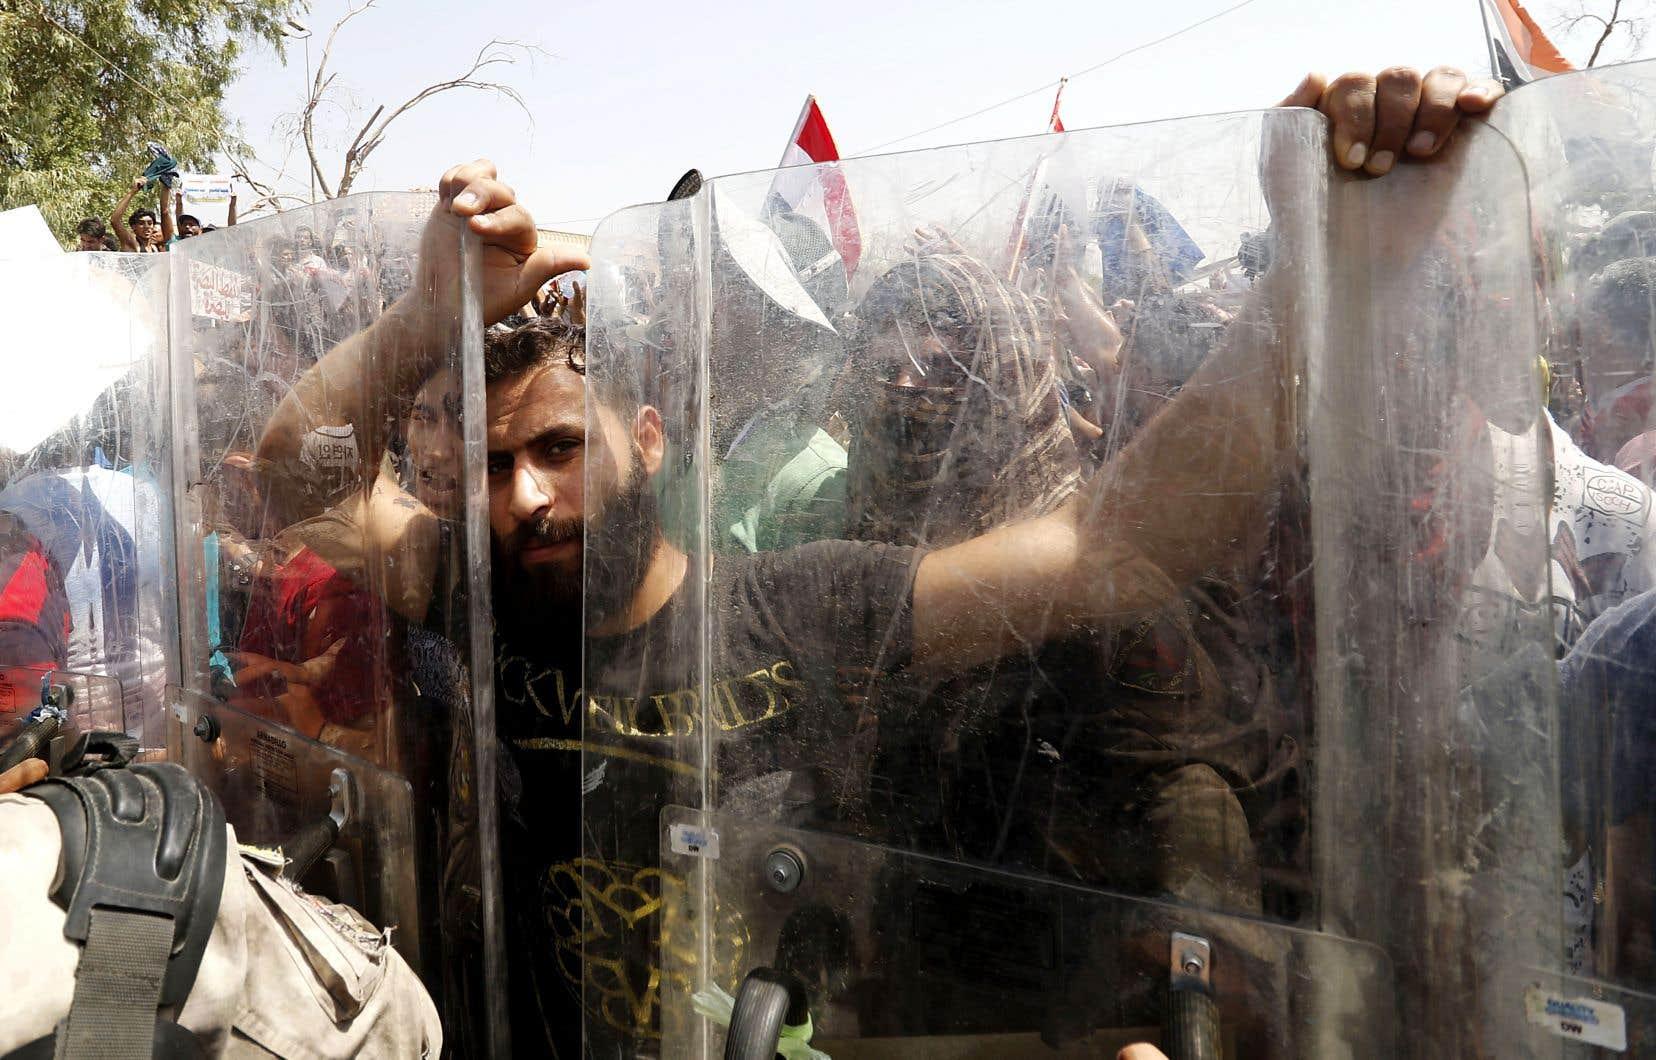 Un Irakien empoigne les boucliers policiers qui forment une barrière humaine, pendant une manifestation contre le gouvernement Al-Abadi, à Bassora, dans le sud de l'Irak, dimanche dernier.